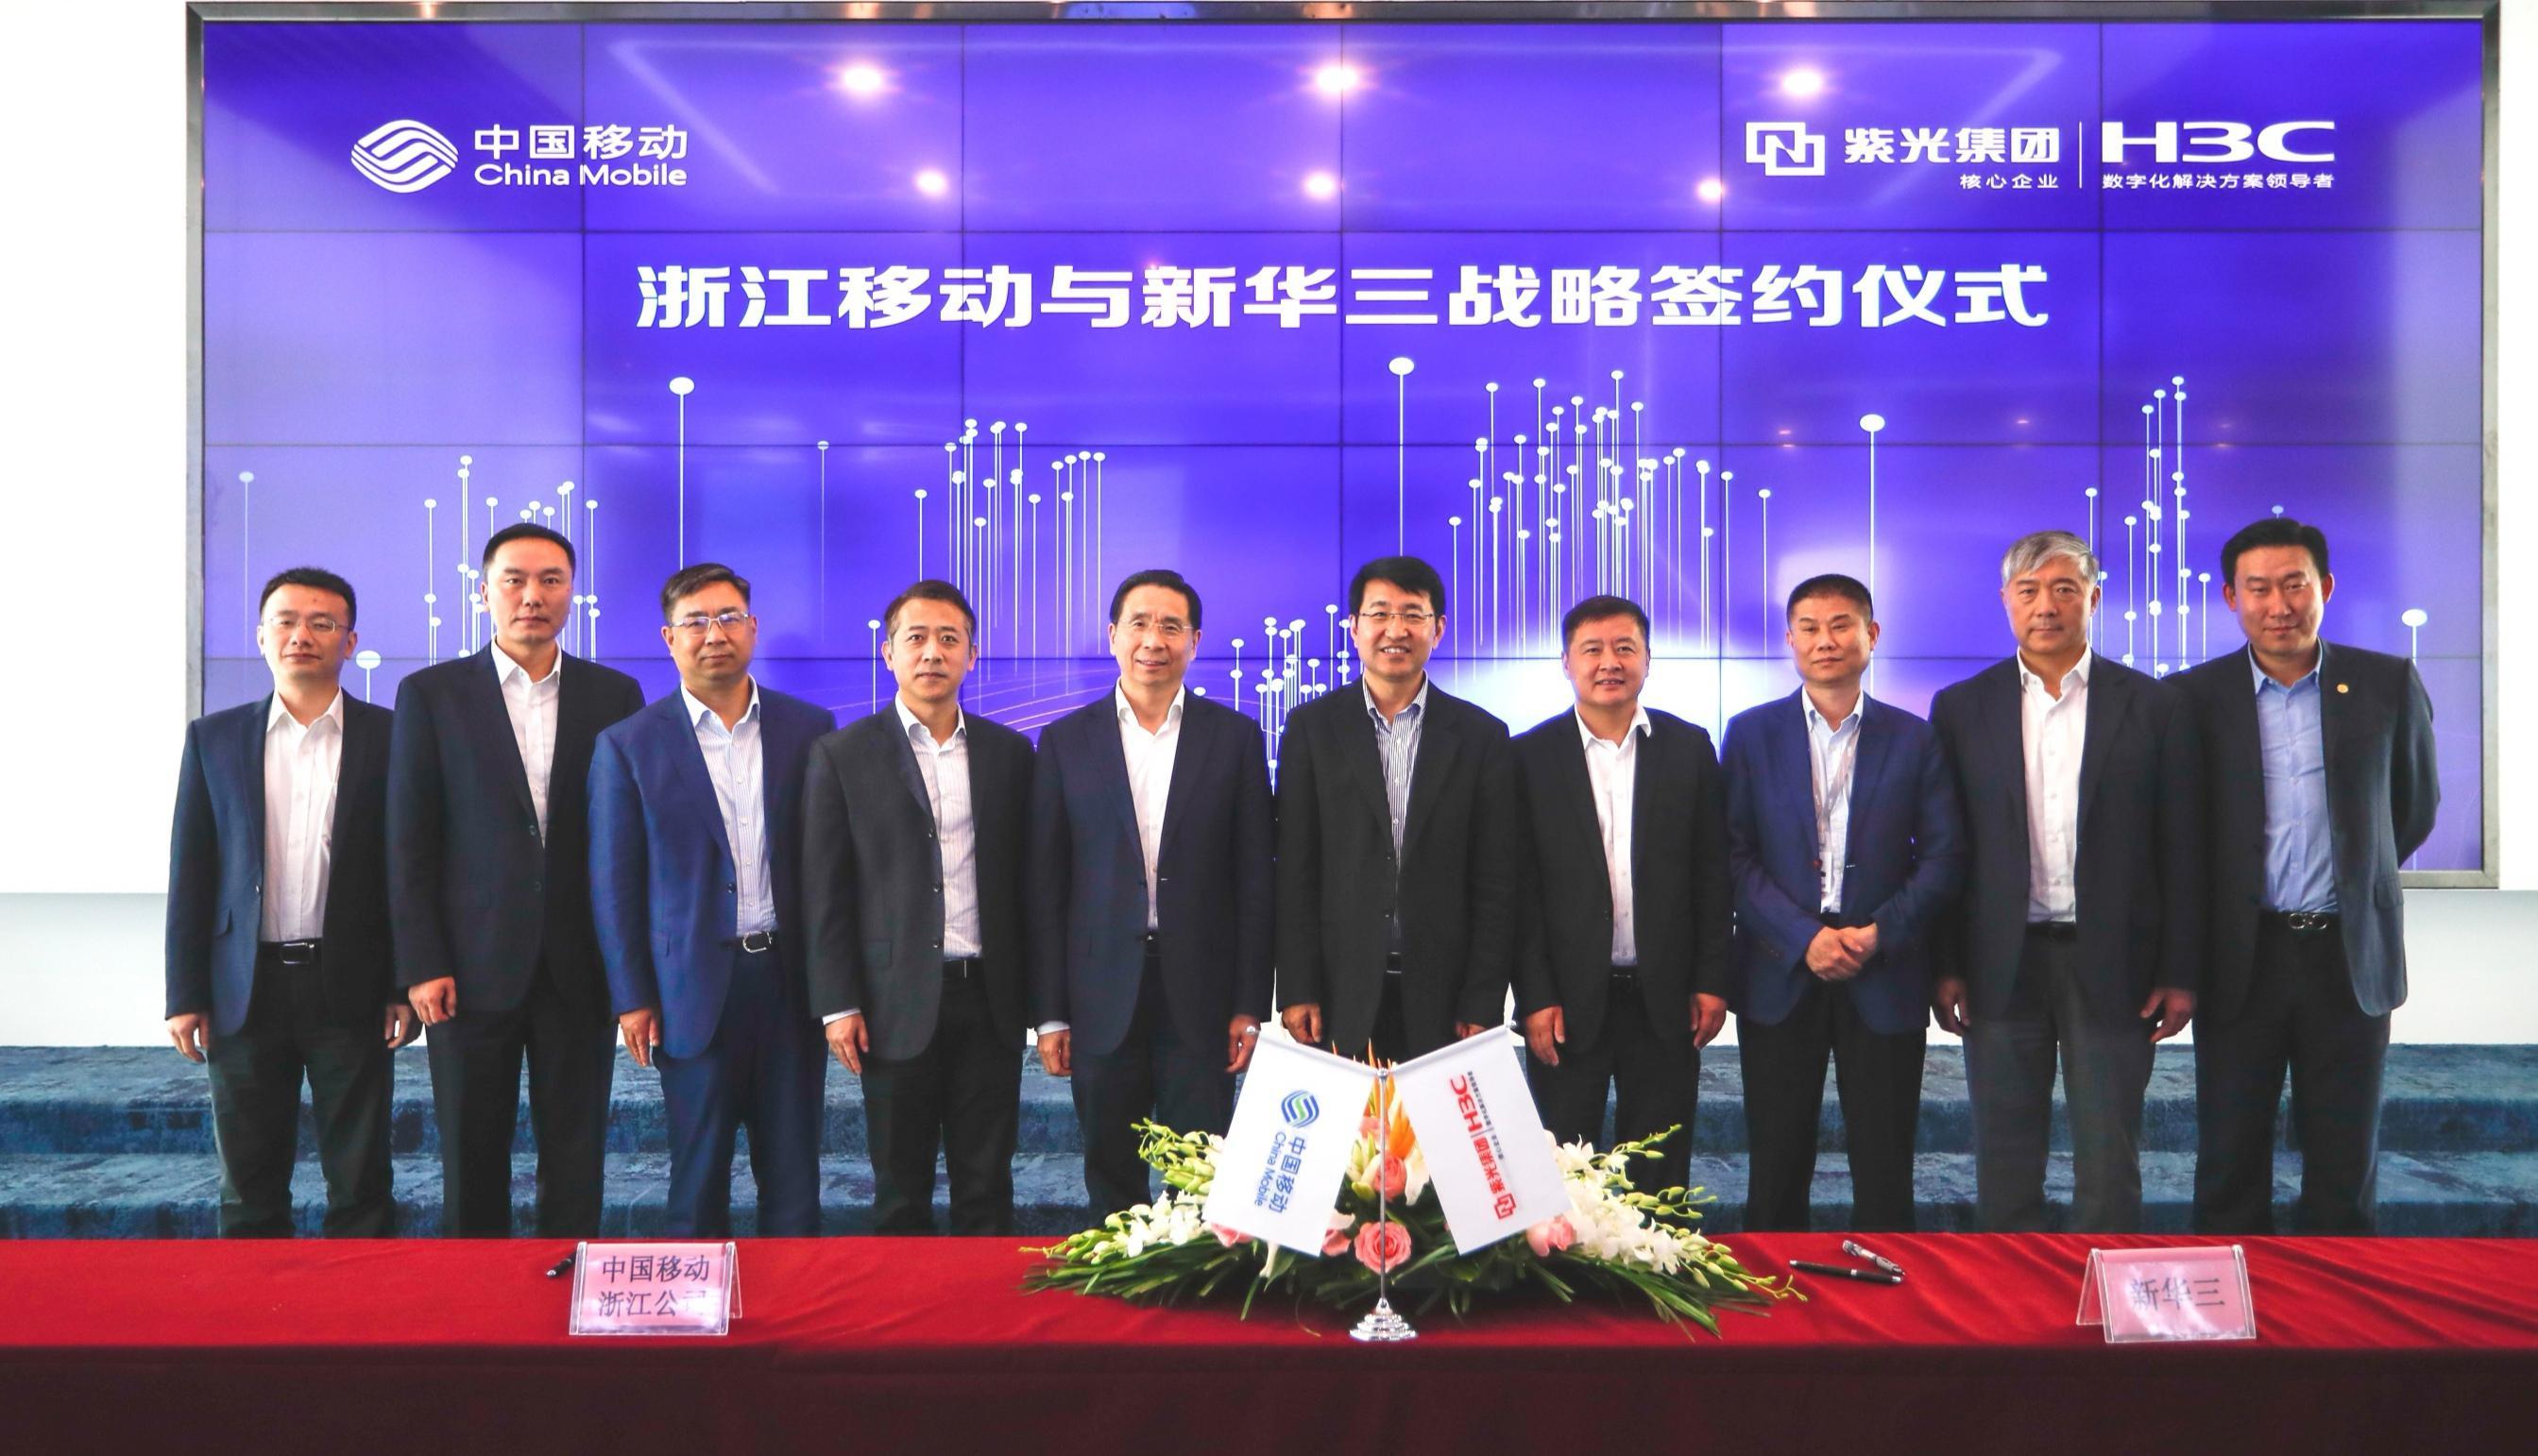 ?浙江移动与新华三签署战略合作,联合打造5G行业应用创新中心